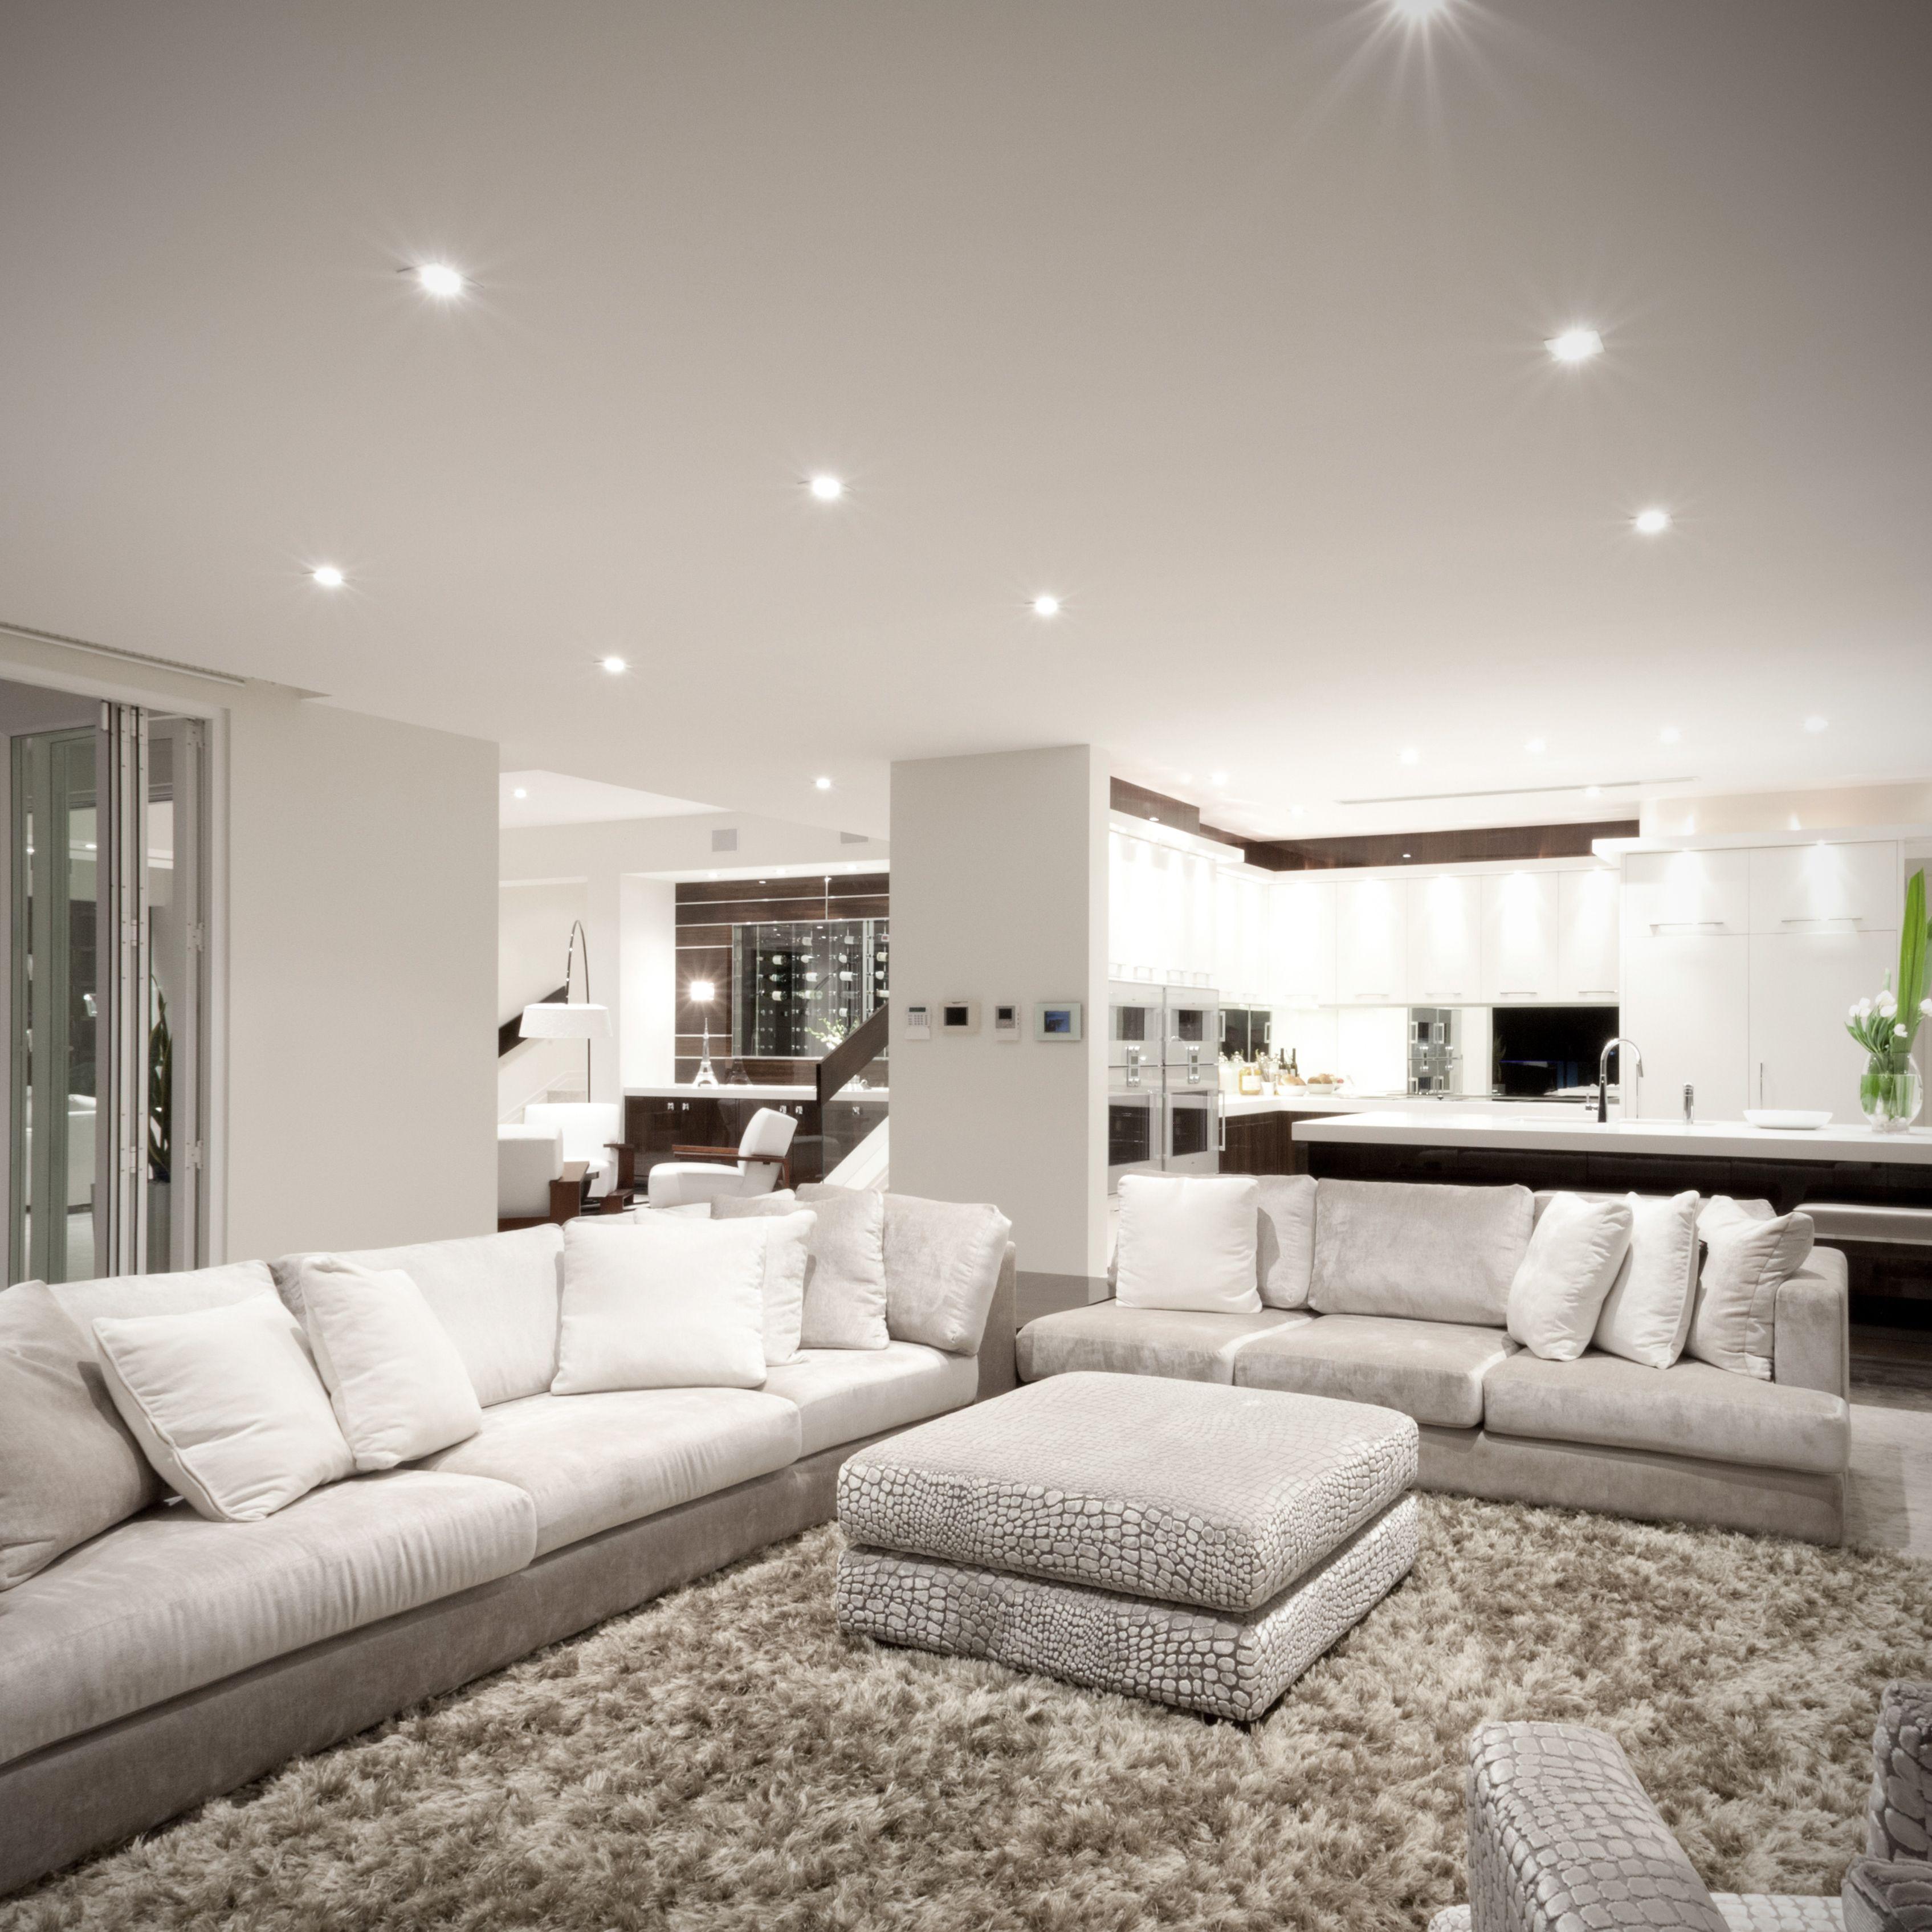 Led Einbauleuchten In 2020 Asthetisches Schlafzimmer Wohnung Gestalten Einbauleuchten